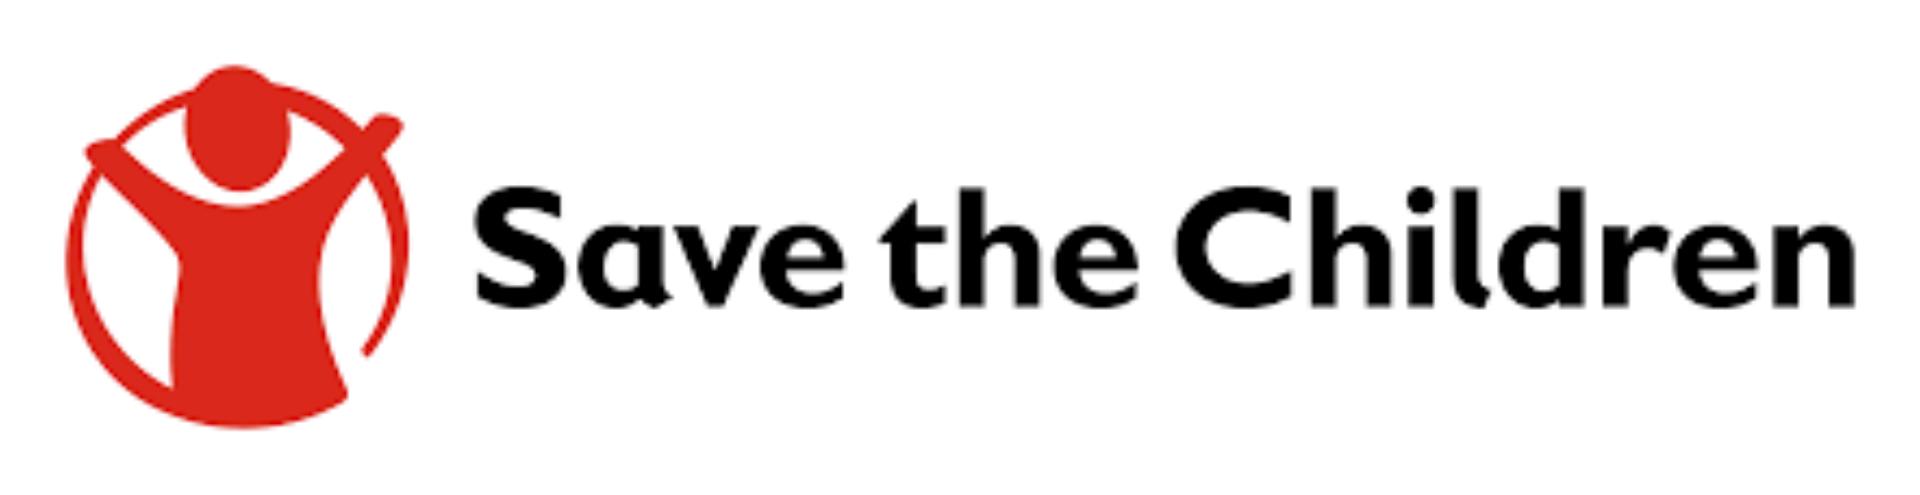 Save the Children - Fuoriclasse in Movimento